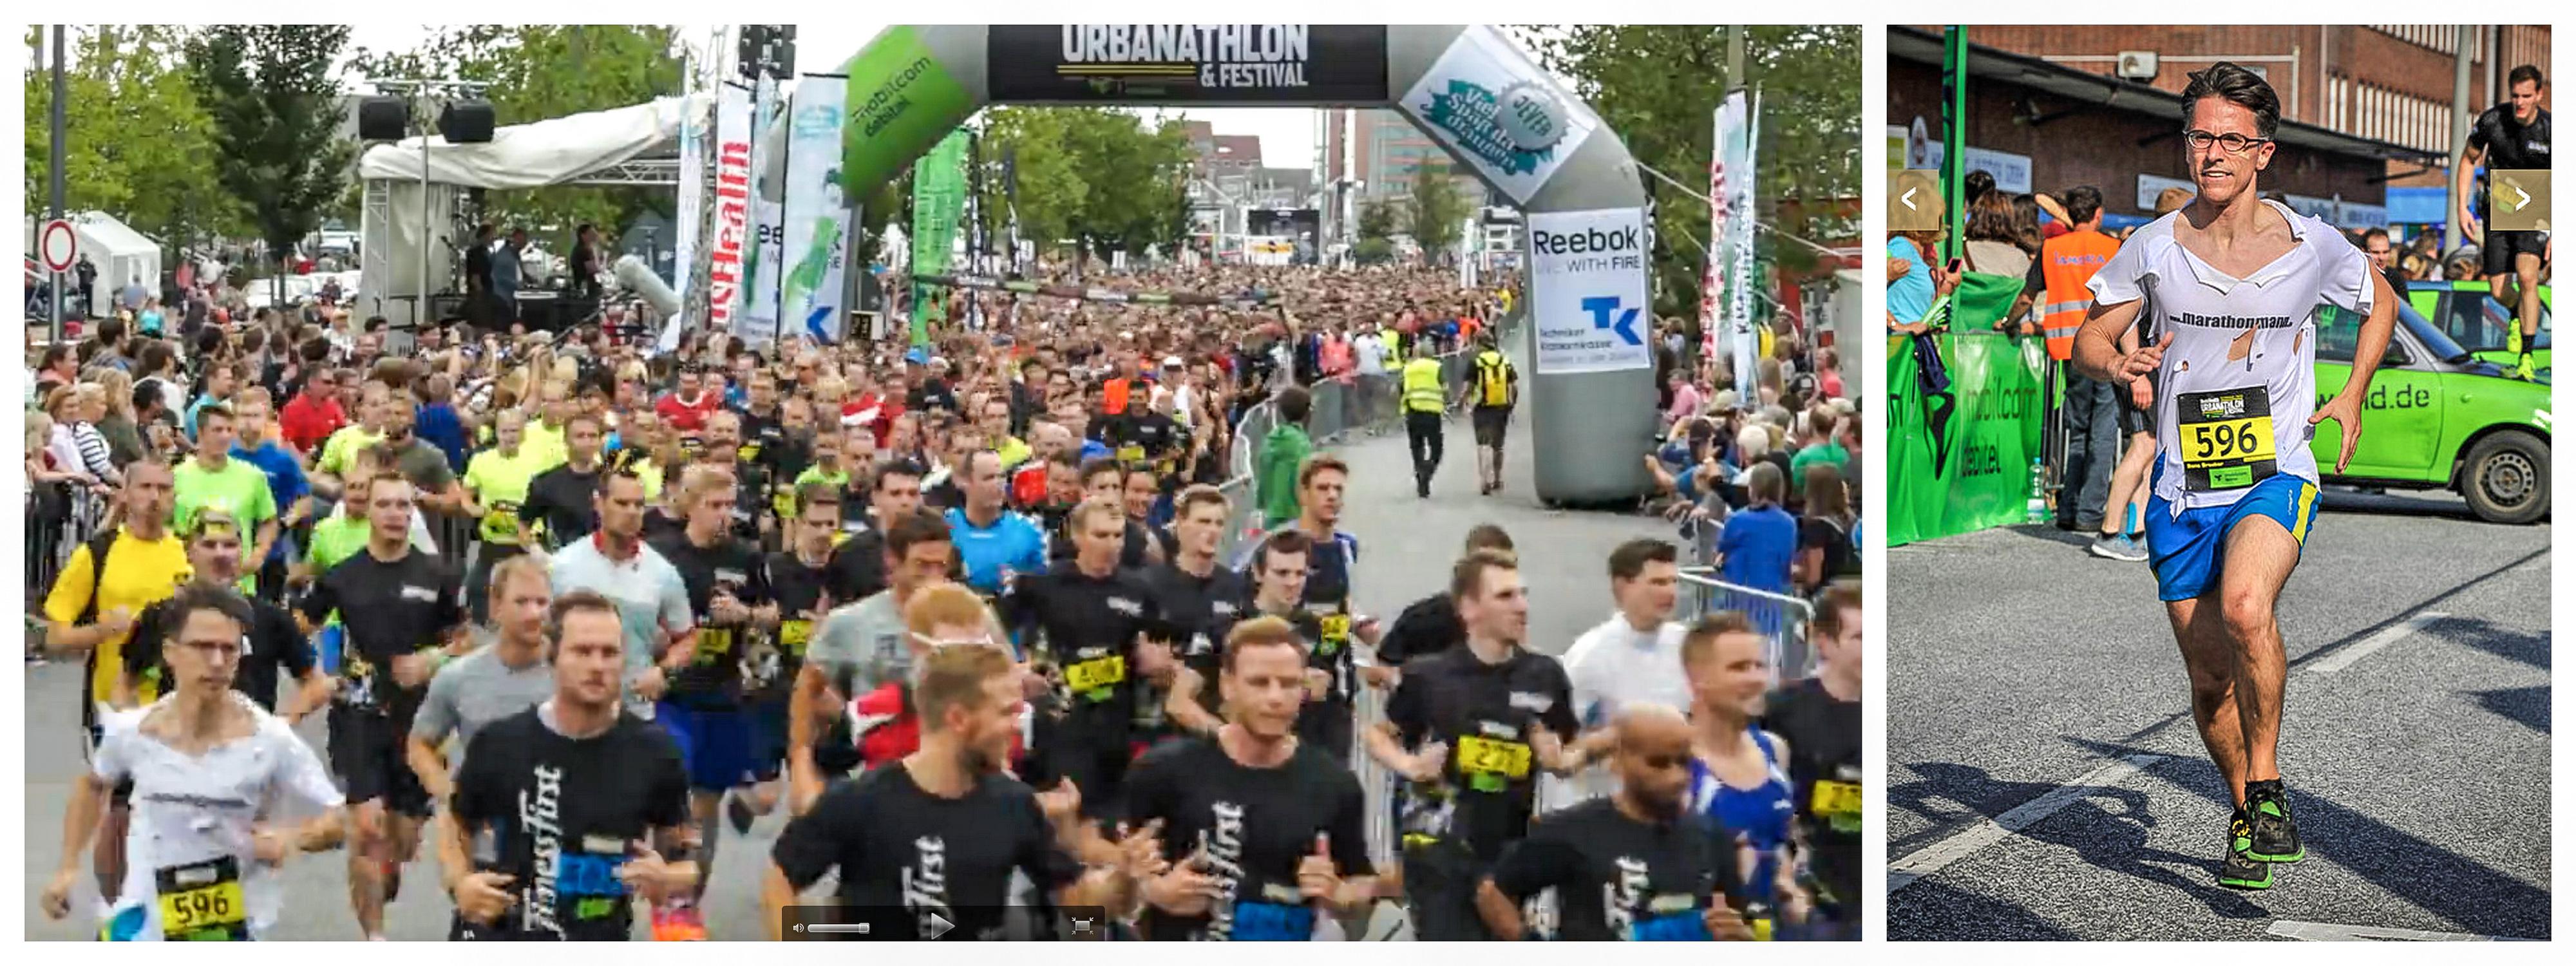 Start Urbanathlon Mens Health TK Strecke Bilder Fotos Bericht Bone Breaker Hindernisse Ergebnisse Sieger Hamburg Dahl Alf Marathon Halbmarathon